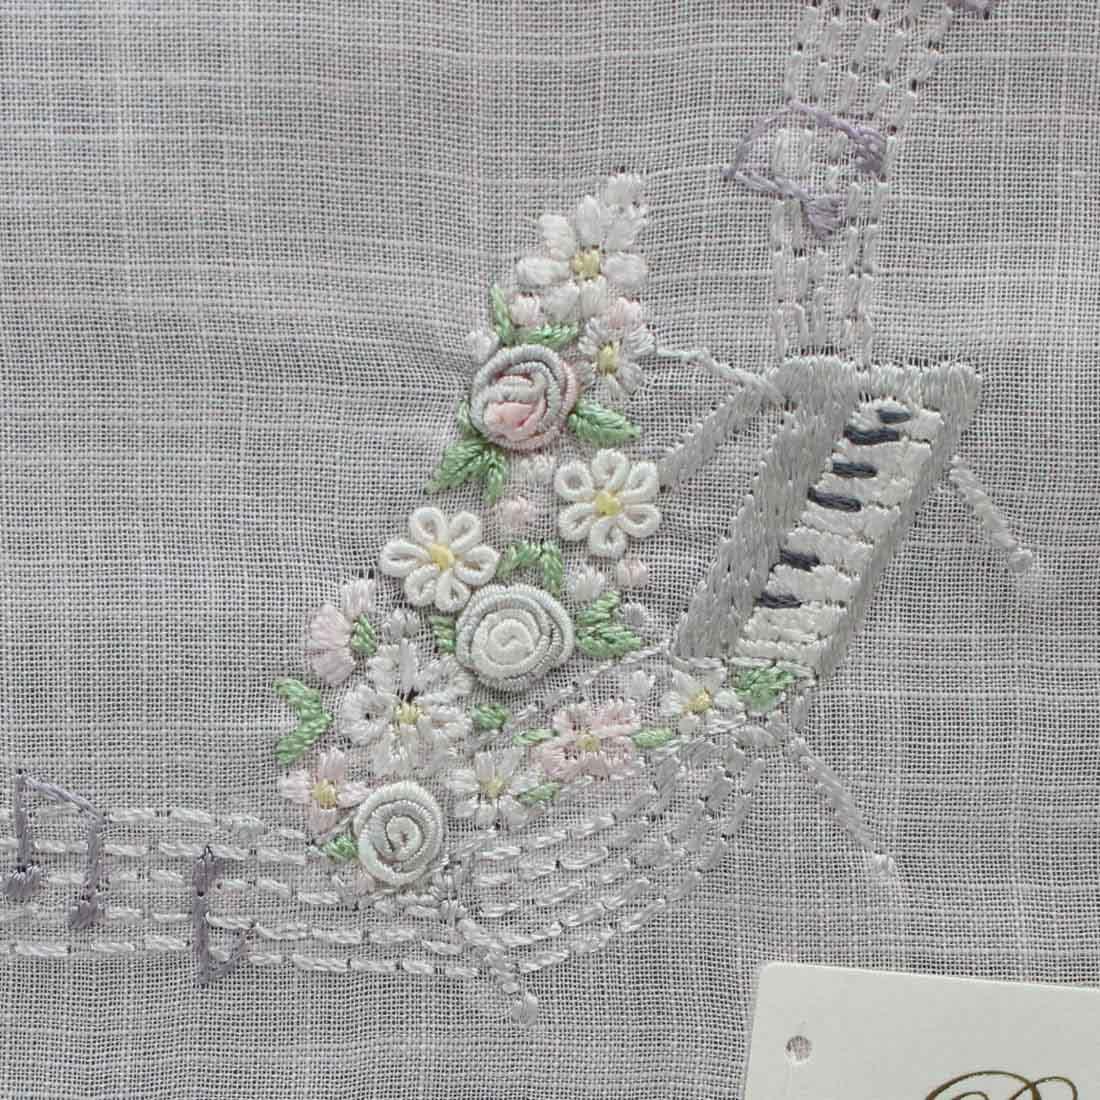 ポワンポワン ベトナム手刺繍ハンカチ 6503-01 ピンク